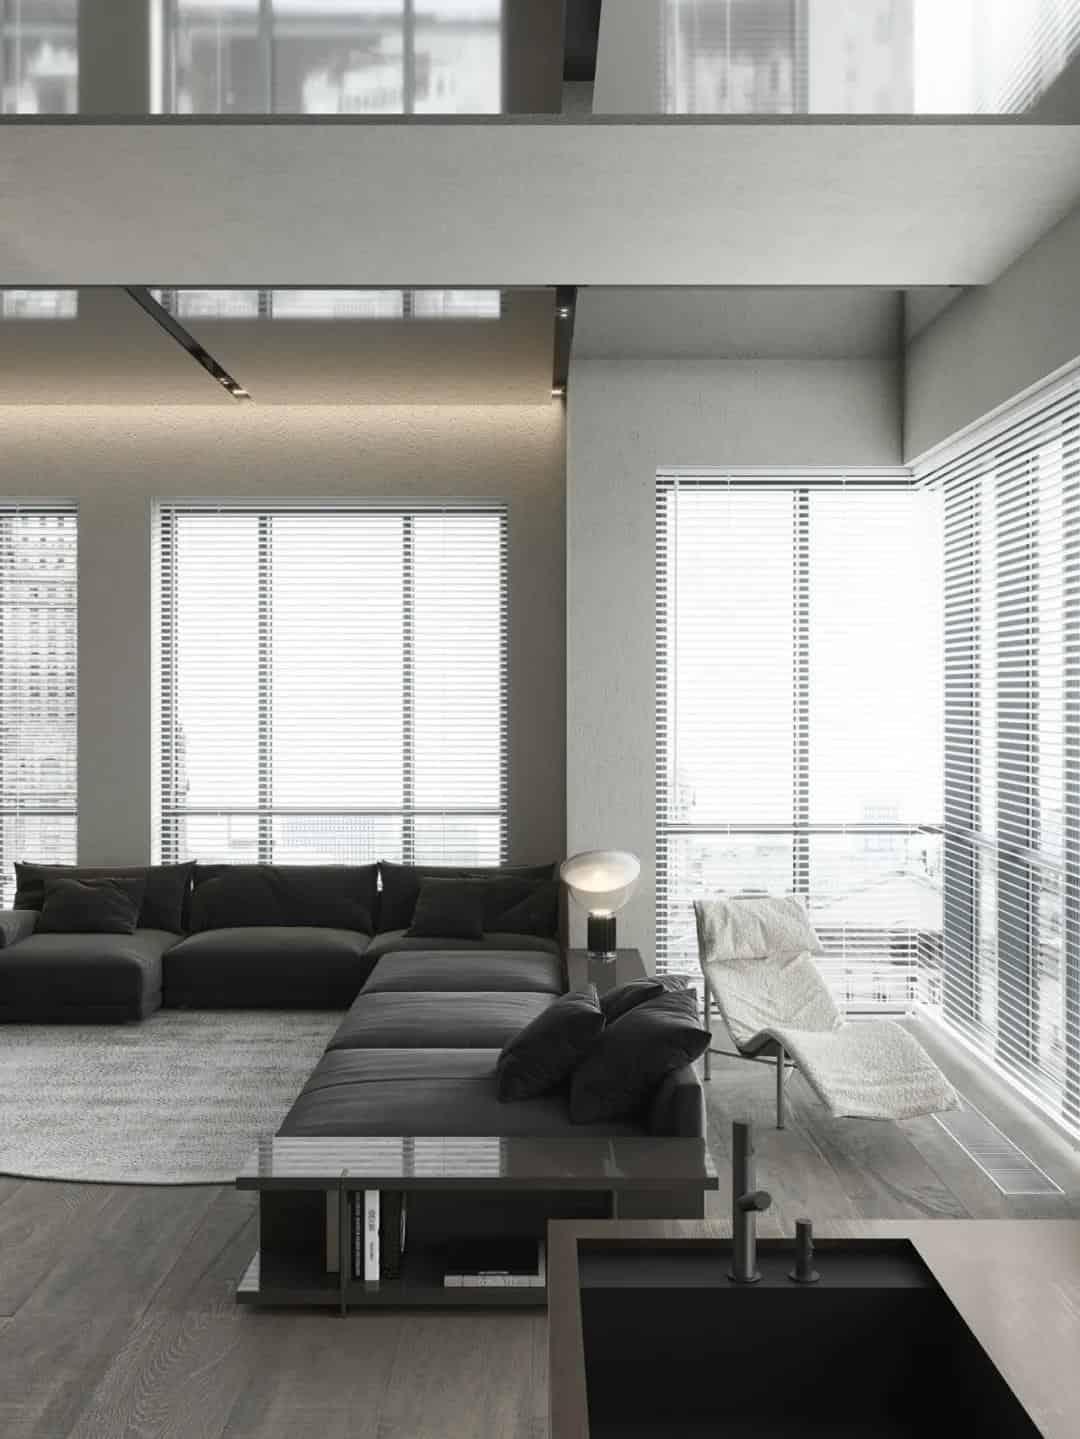 自然、簡約、優雅的室內設計韻味!